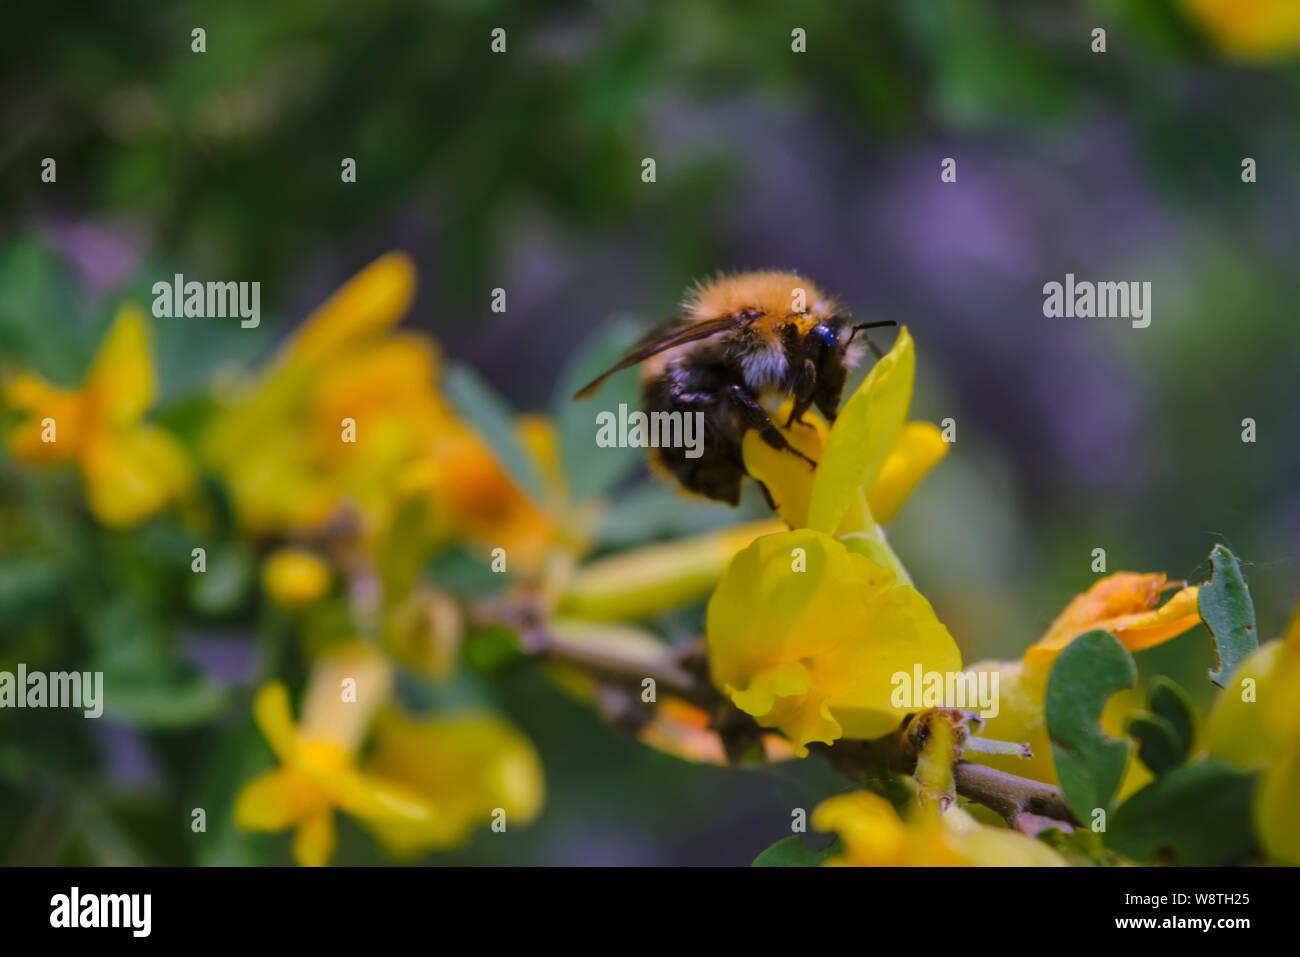 Un gran shaggy bumblebee recoge el néctar de una flor amarilla brillante. Foto de stock